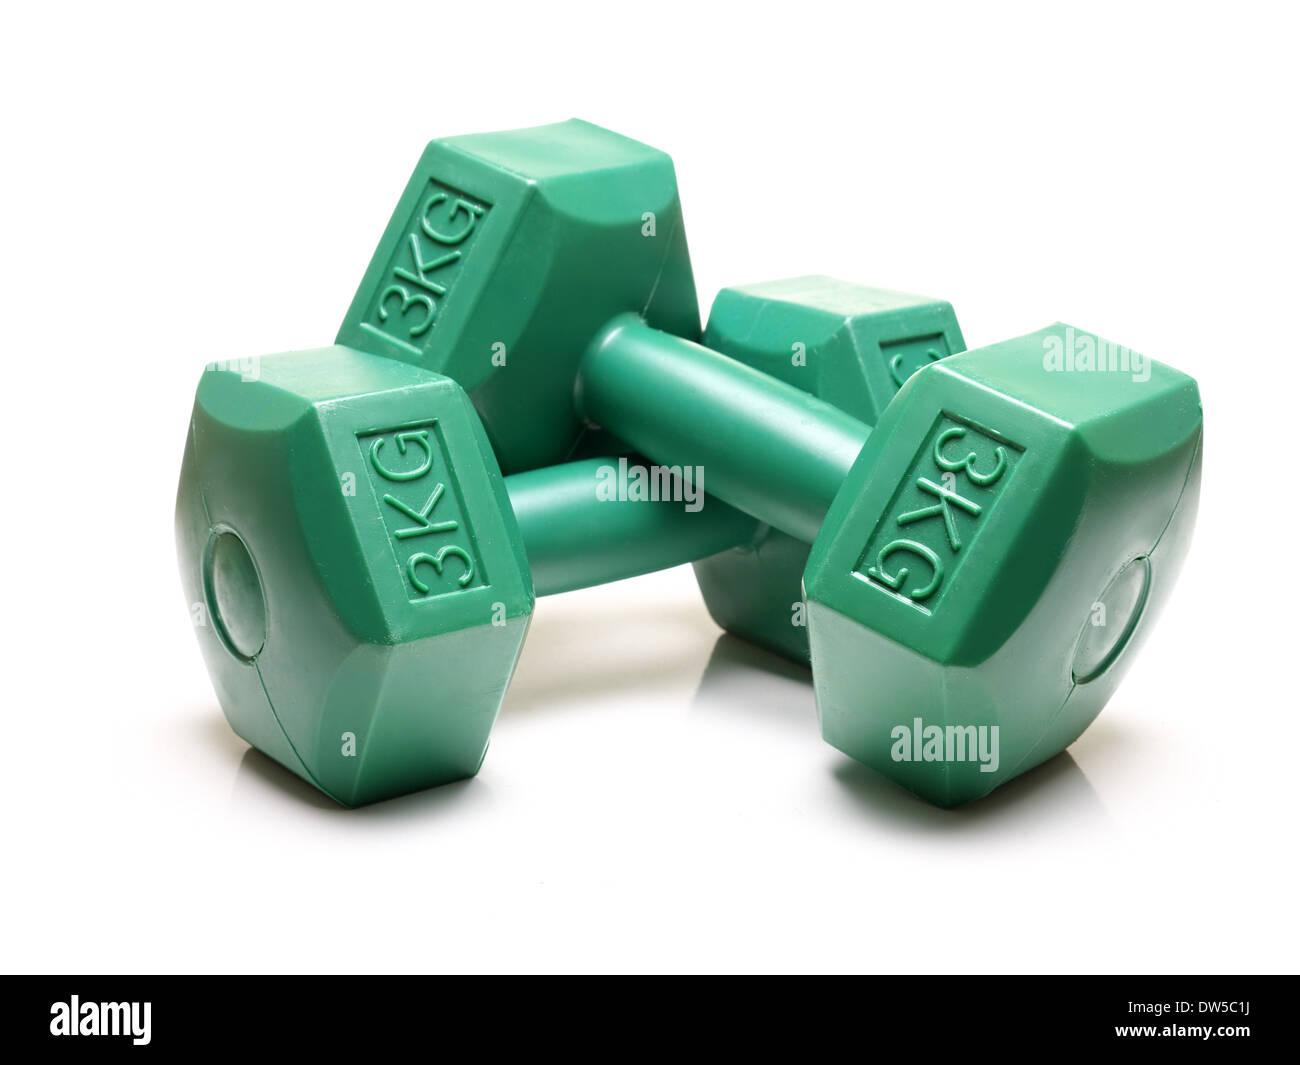 Pair of green 3 kg dumbbells shot over white background - Stock Image